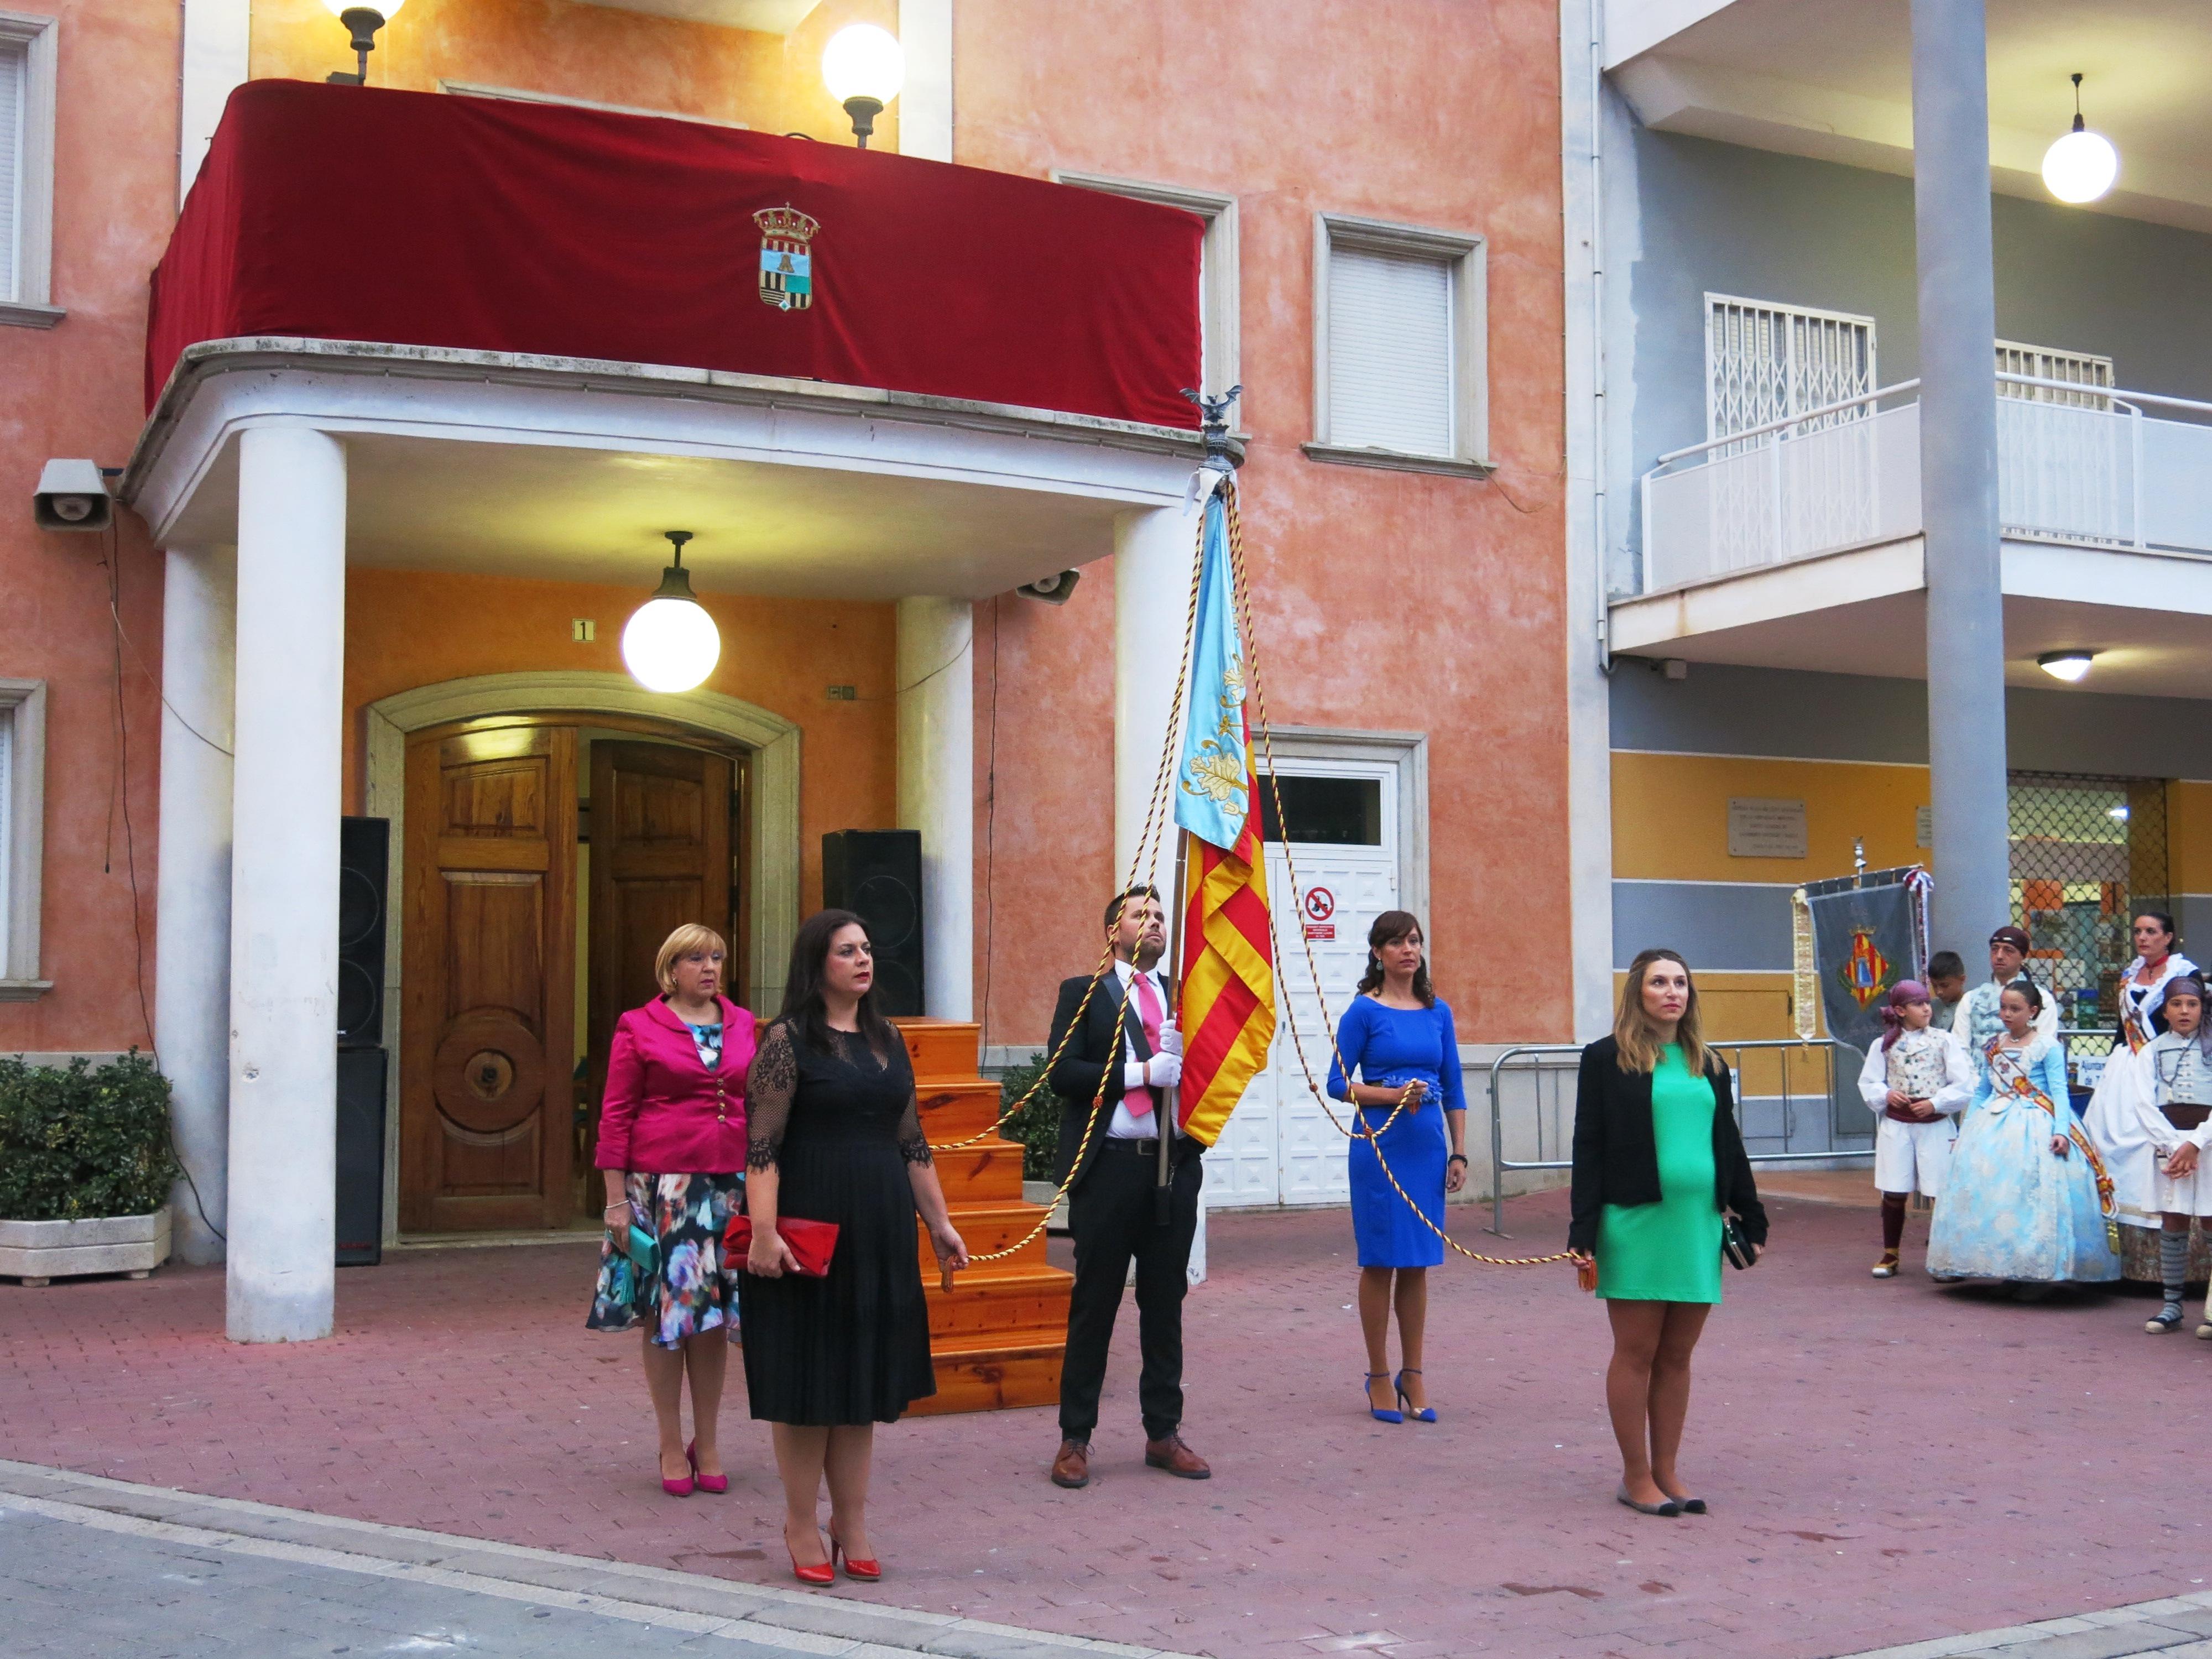 La procesión cívica para rendir homenaje a la Real Senyera se ha convertido en el acto central del 9 de Octubre en Turís.